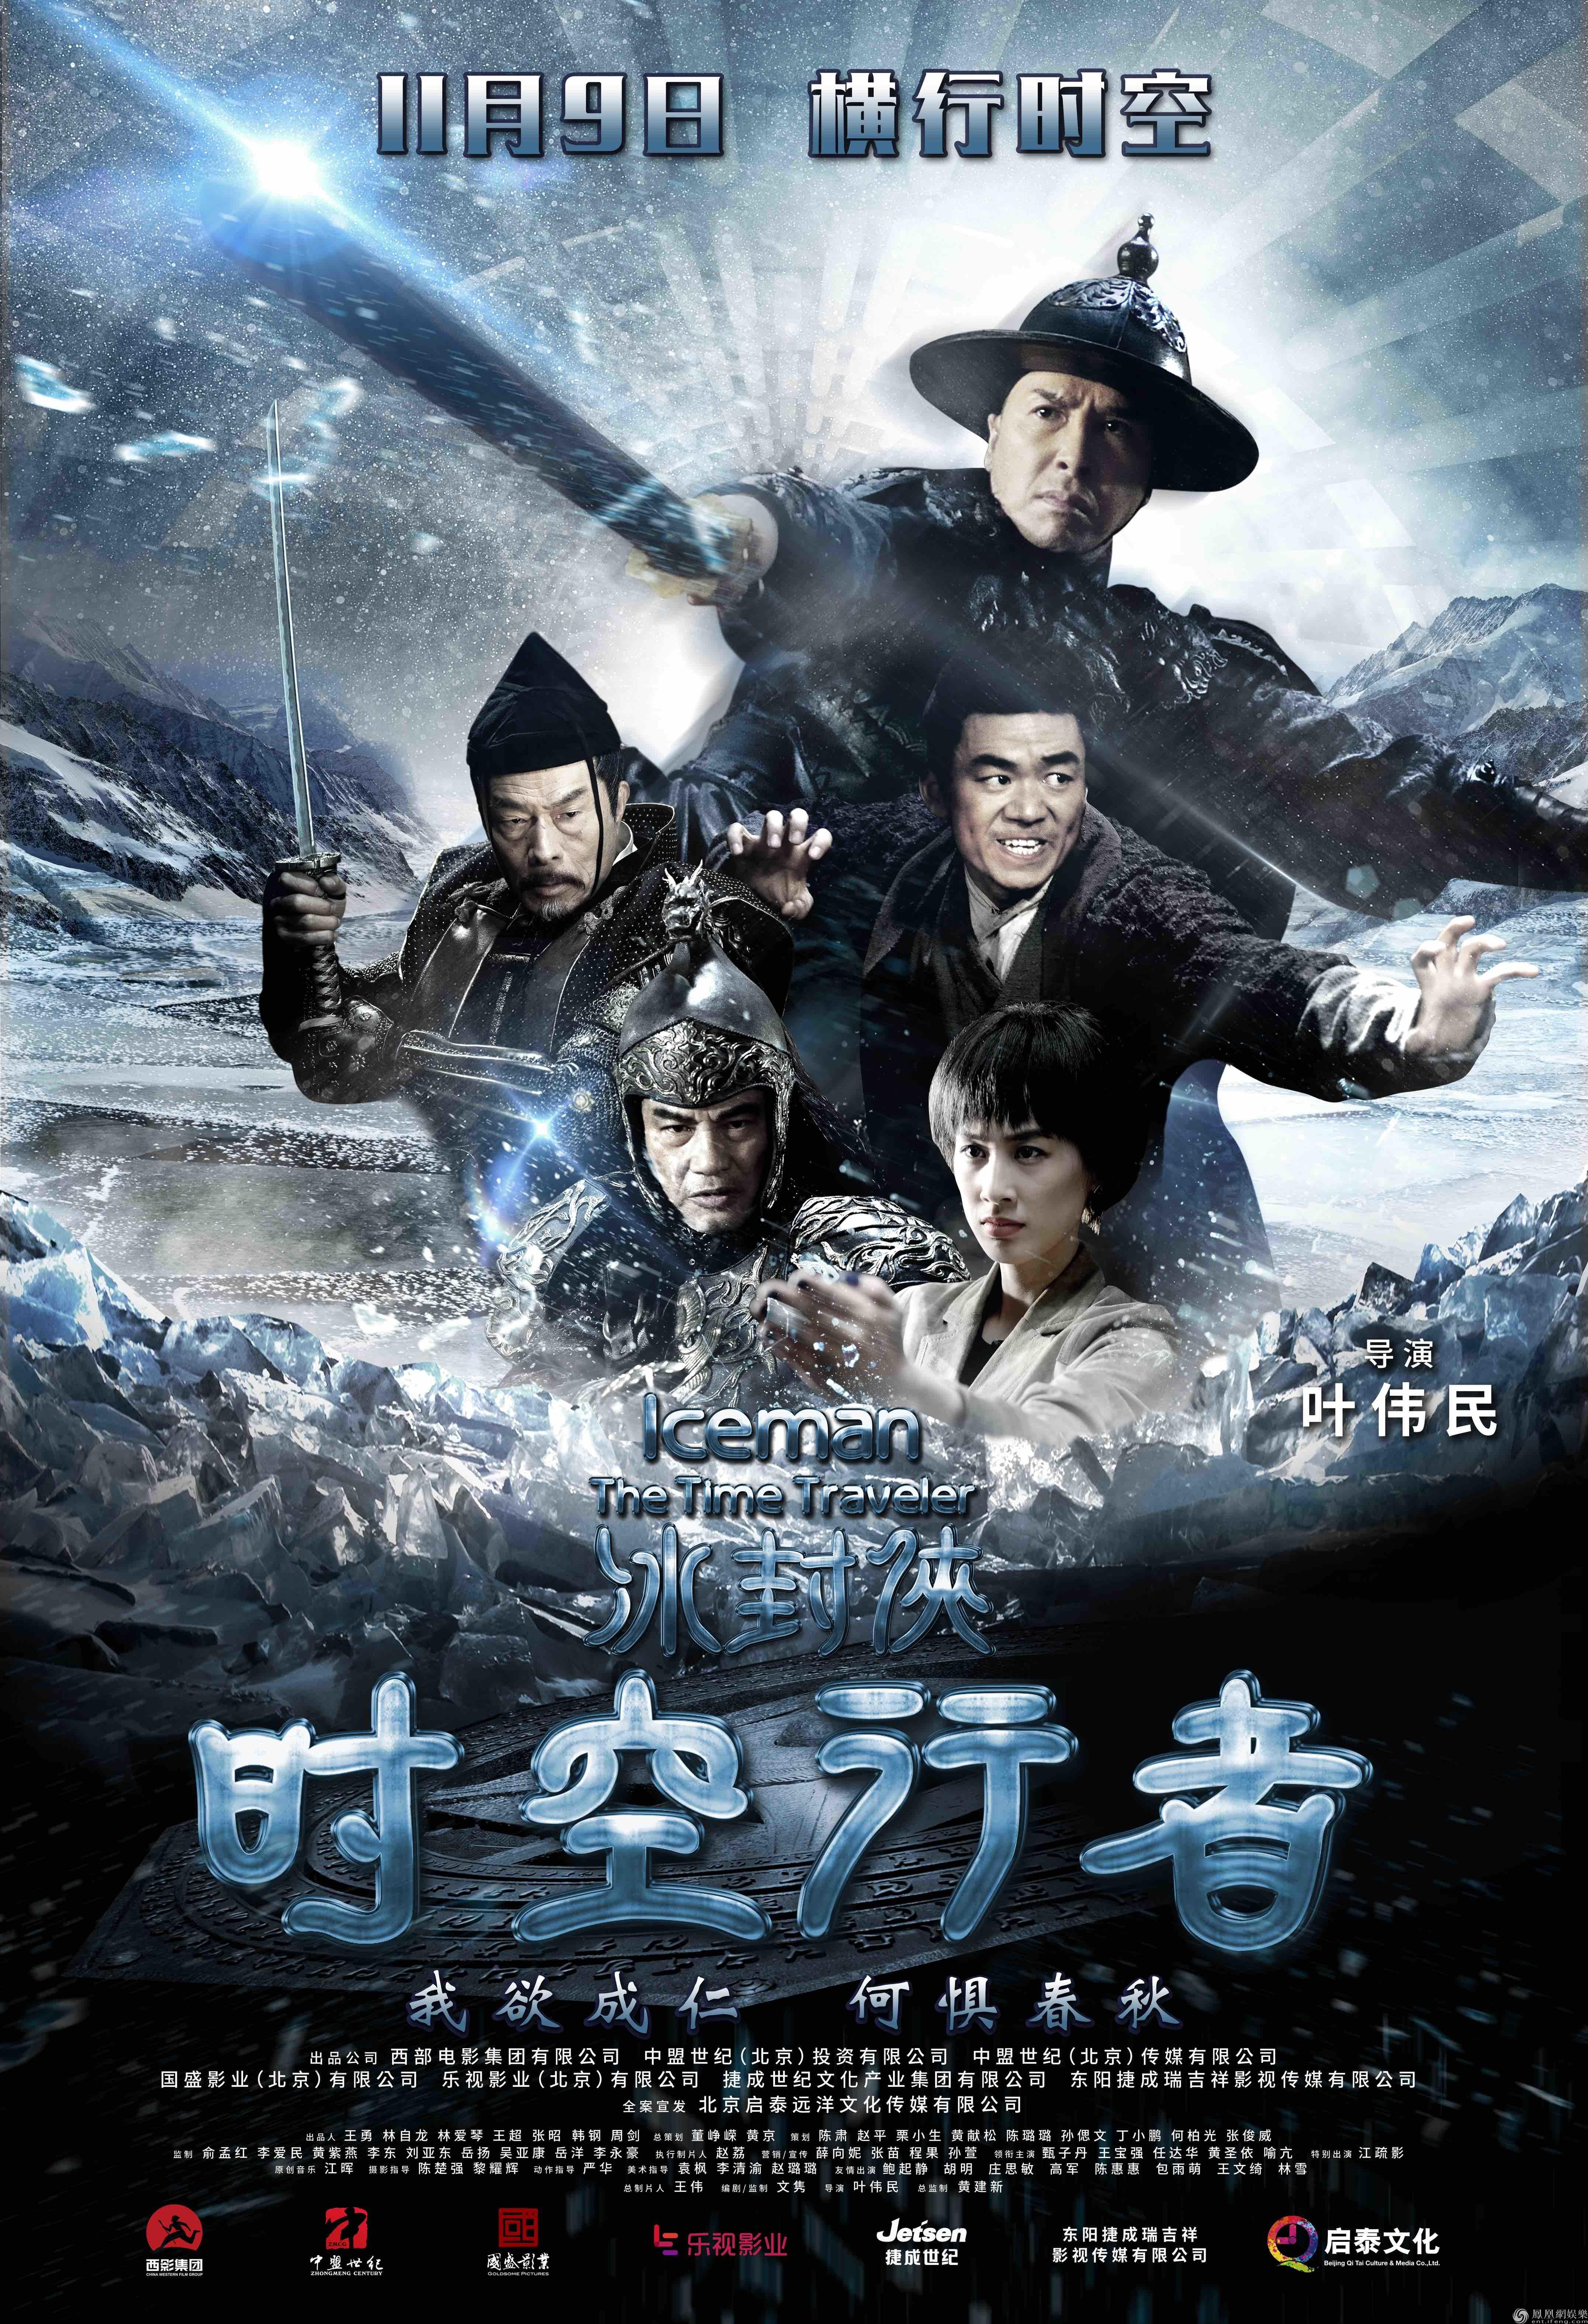 《冰封侠:时空行者》定档 甄子丹王宝强再演时空对战